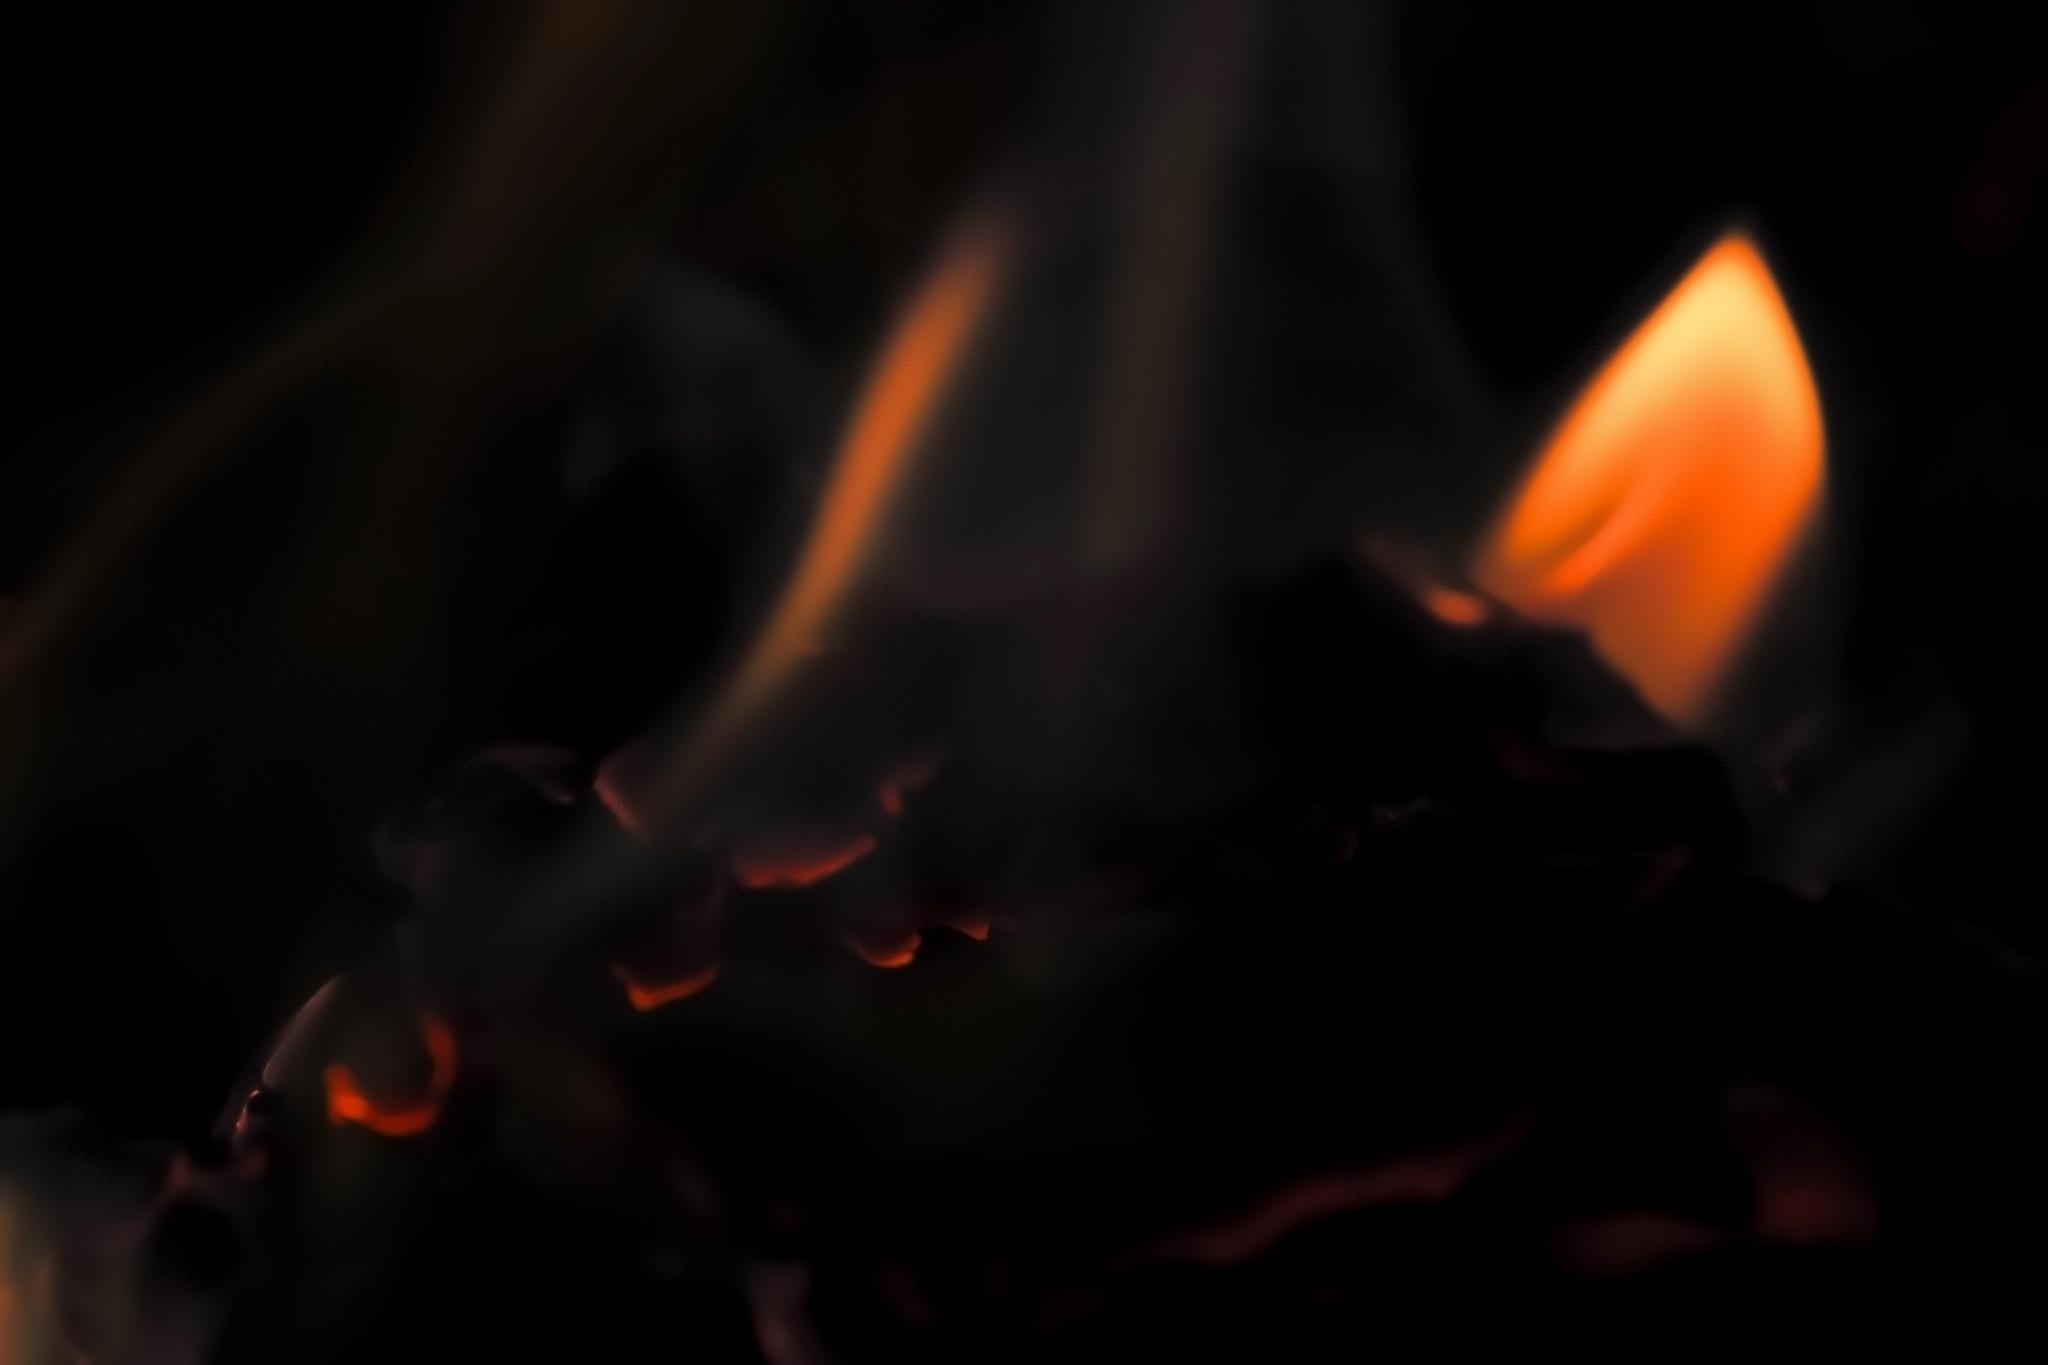 「炎 ファイヤー」の背景を無料ダウンロード